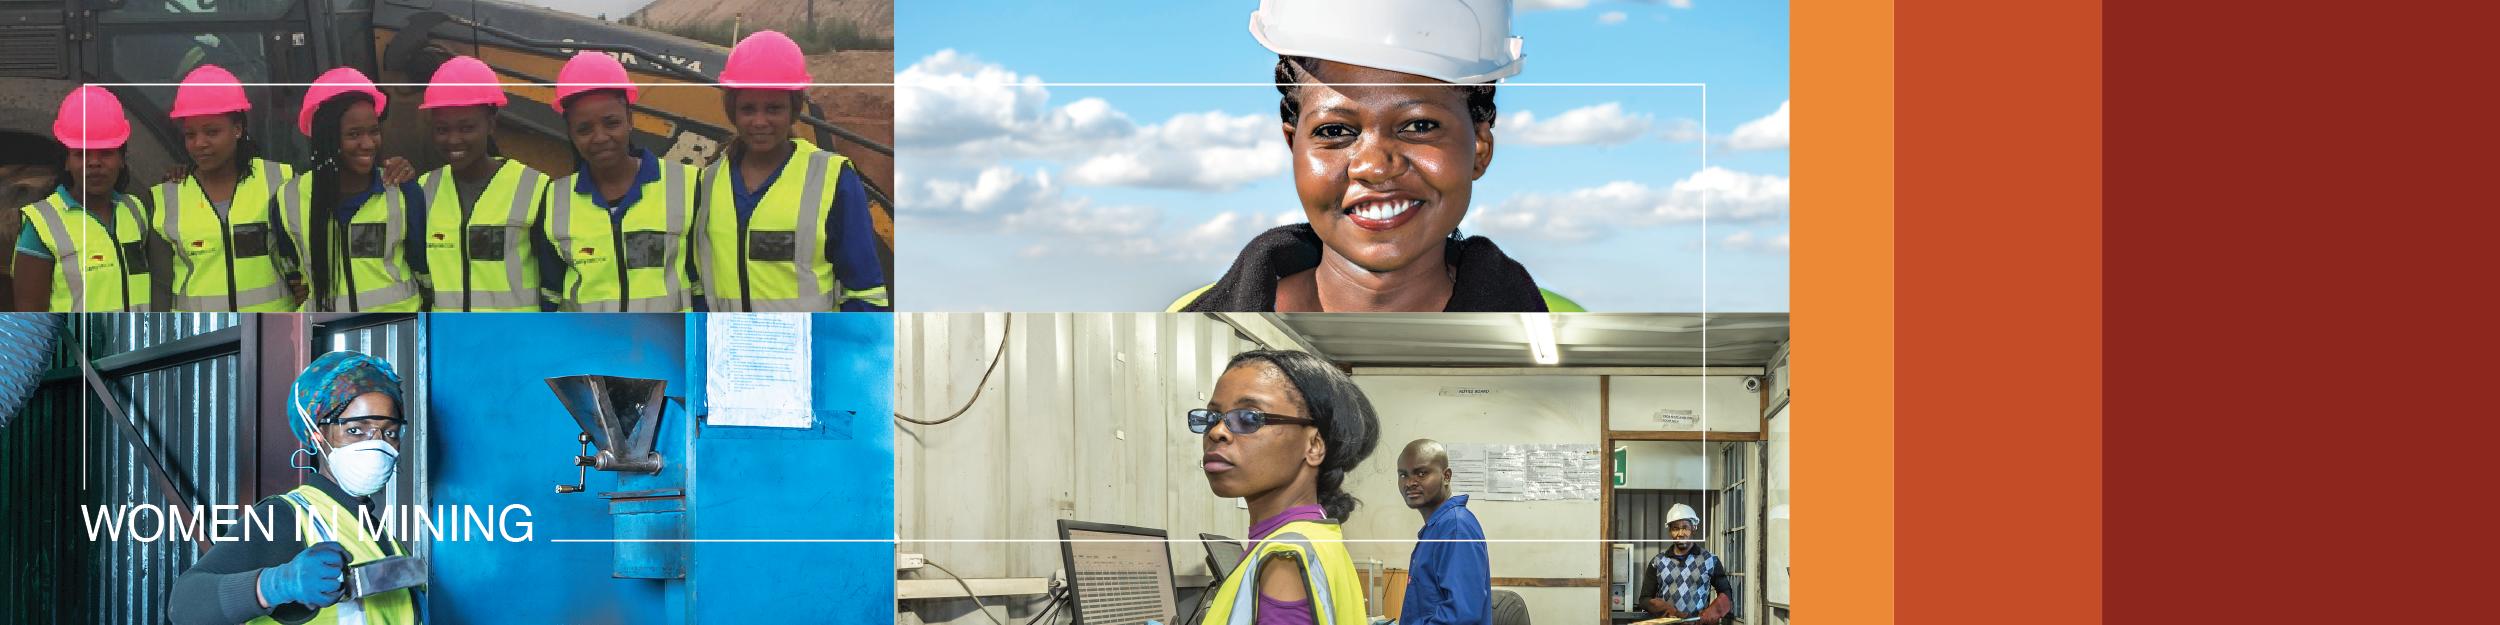 CNY_website_women in mining-01.png